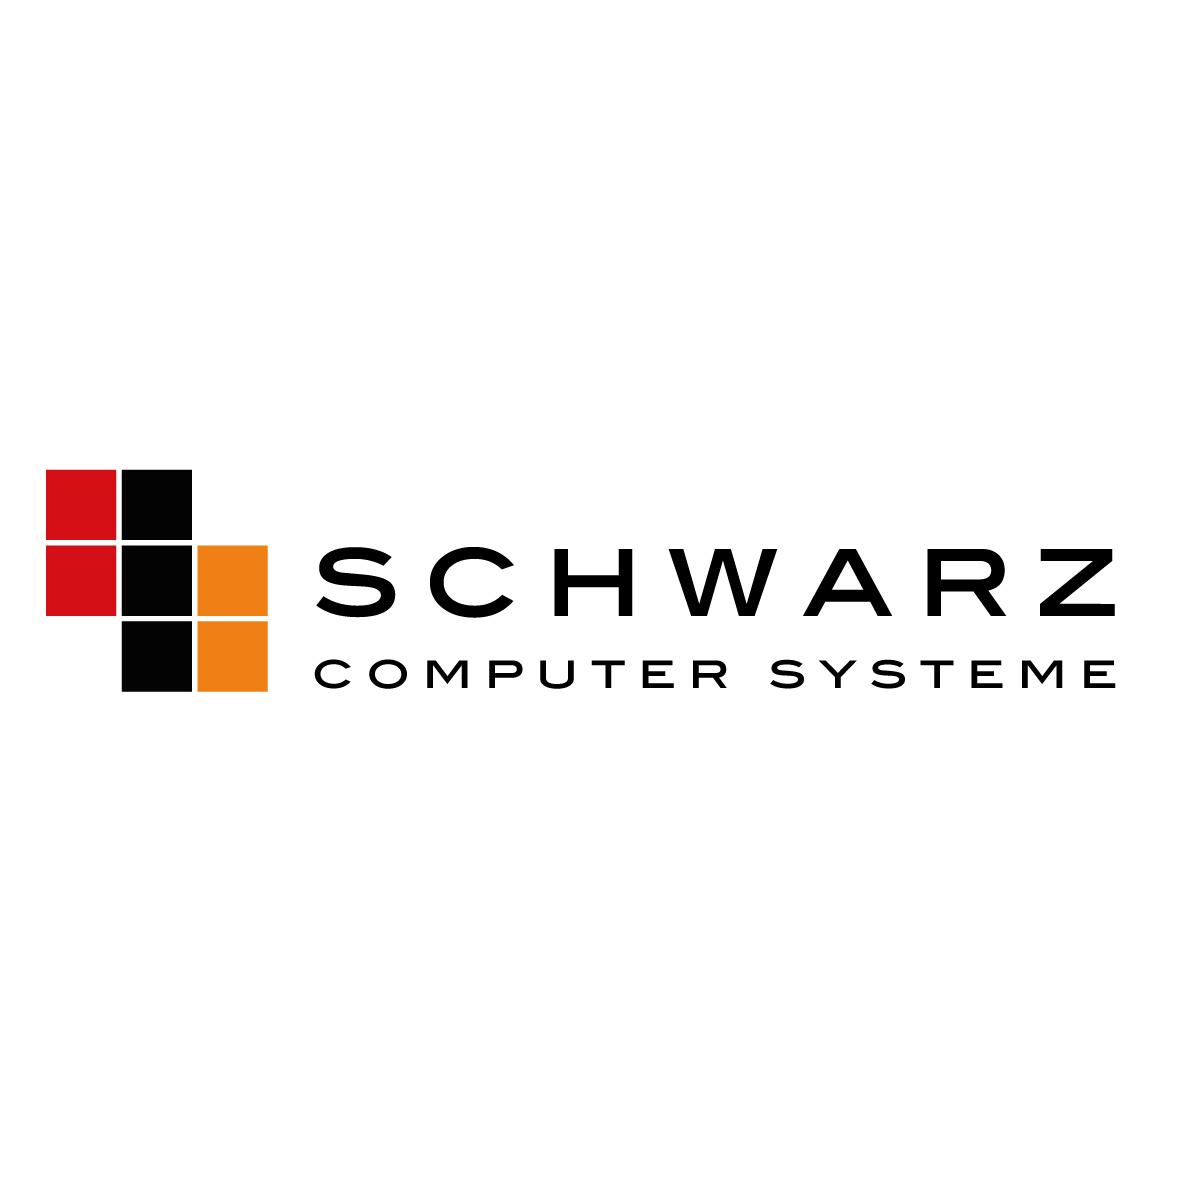 Bild zu SCHWARZ Computer Systeme GmbH in Neumarkt in der Oberpfalz